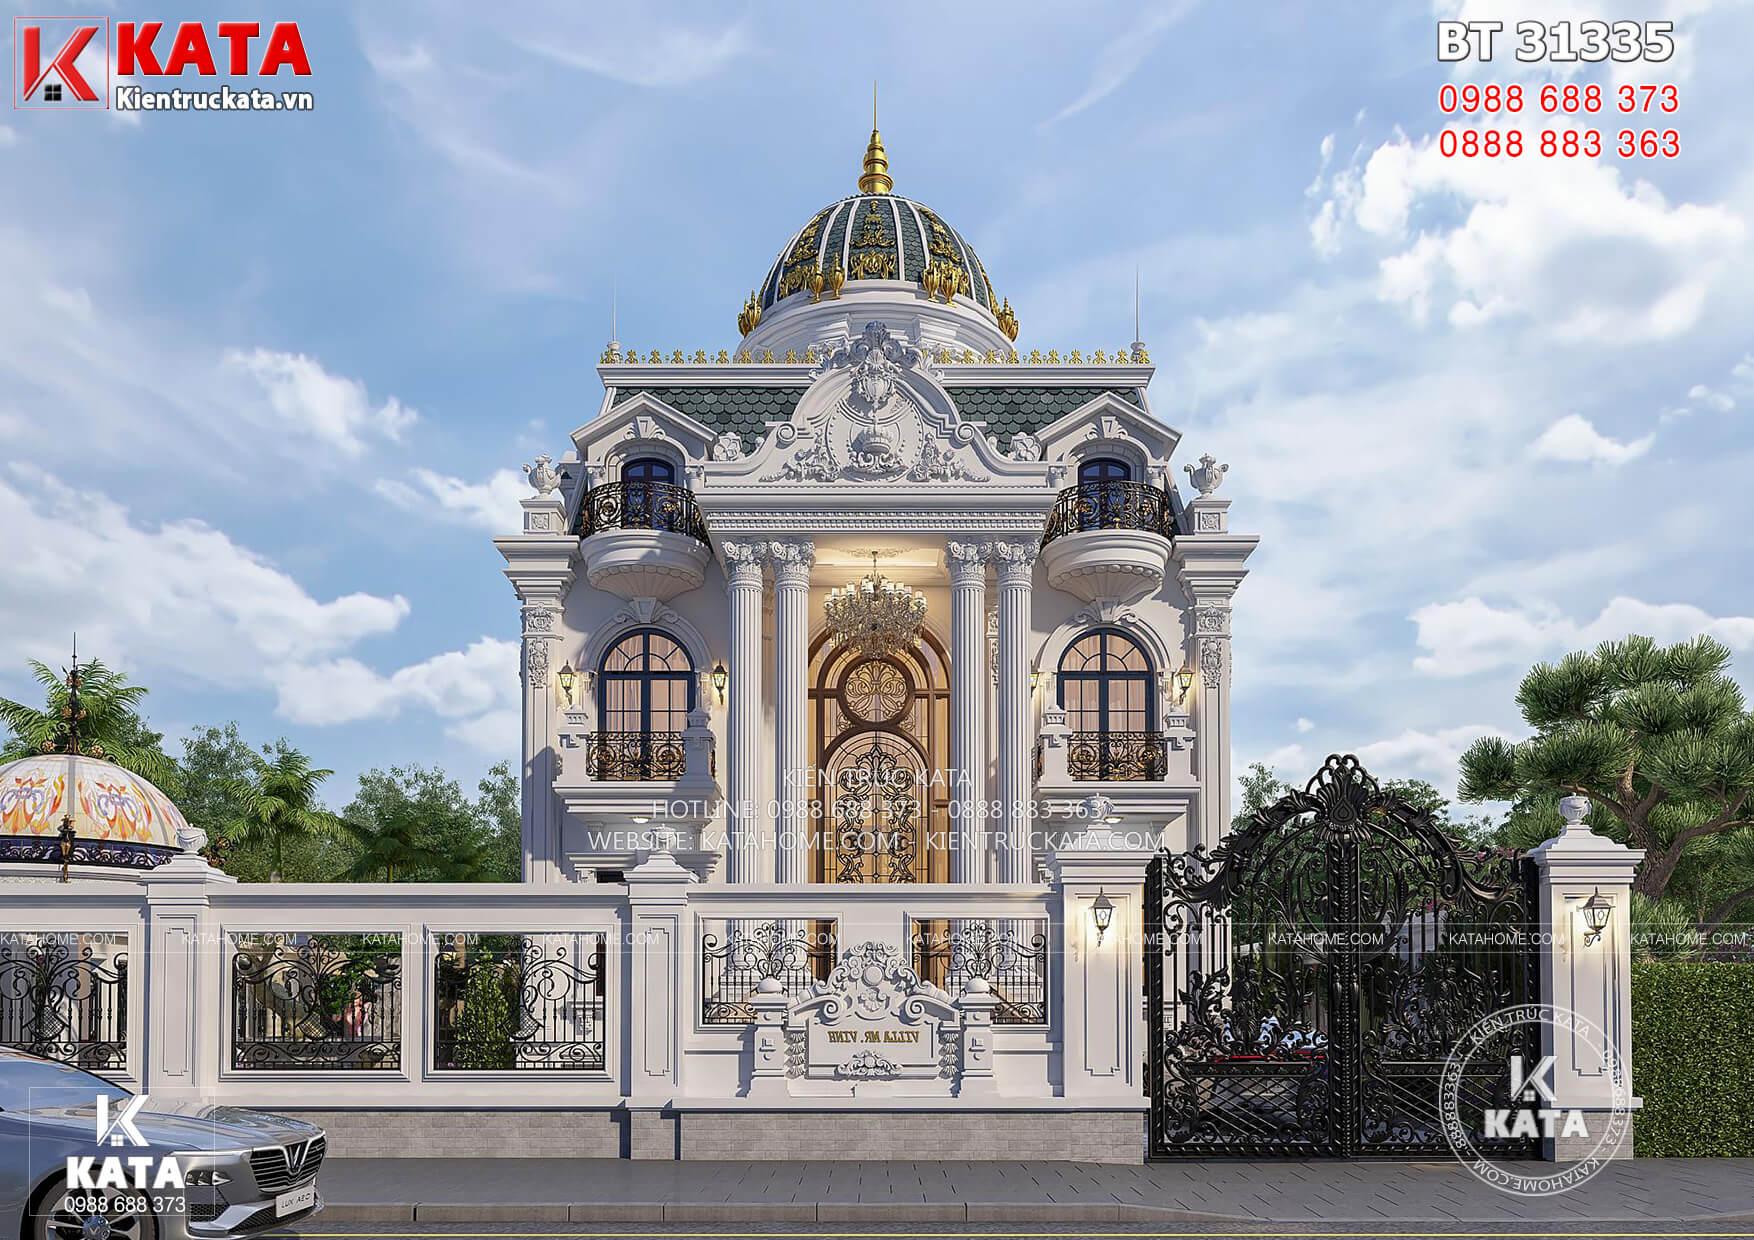 Tổng thể mẫu thiết kế biệt thự 3 tầng đẹp tân cổ điển